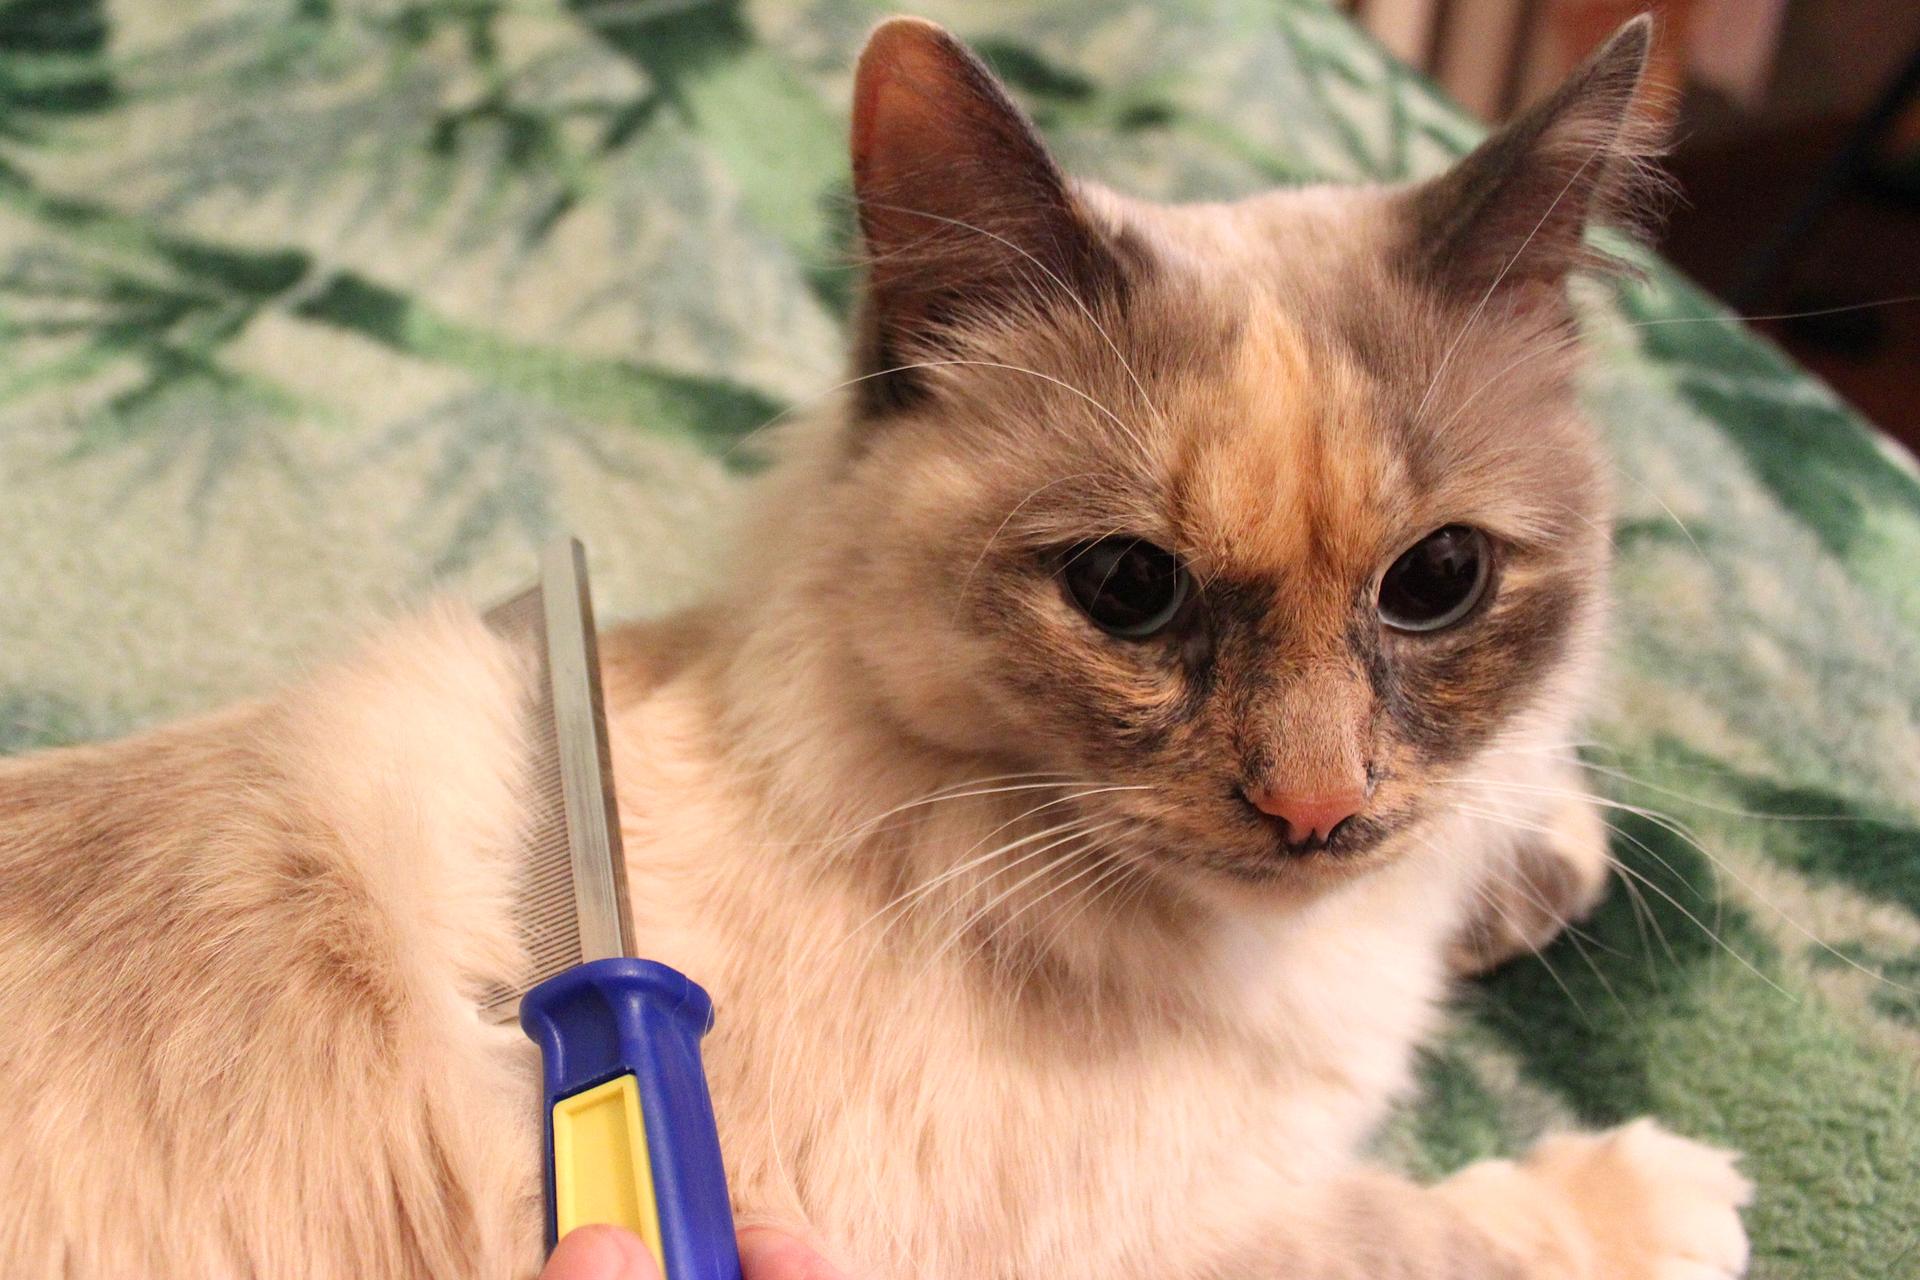 Slajd 2 – prezentuje leżącego kota długowłosego, czesanego przez właściciela.